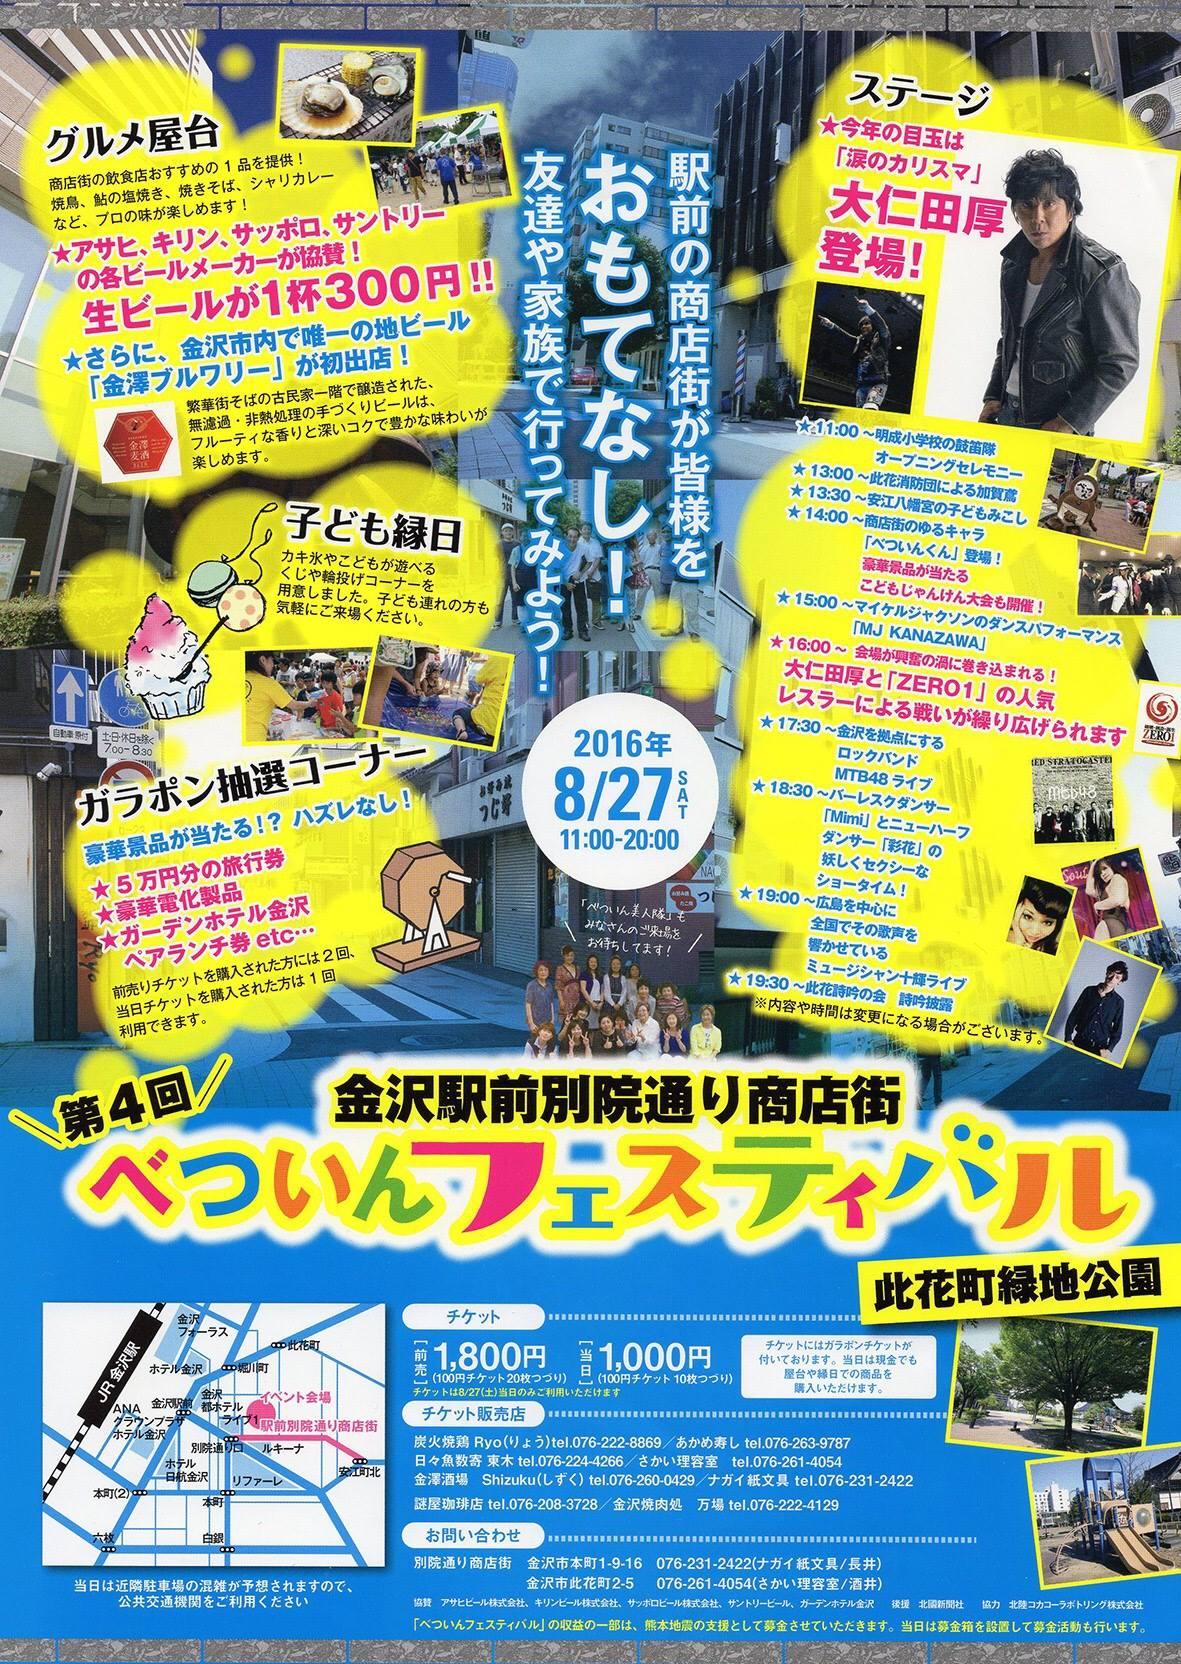 【プロレスリングZERO1】8/27金沢イベント&8/28超花火土岐 全対戦カード